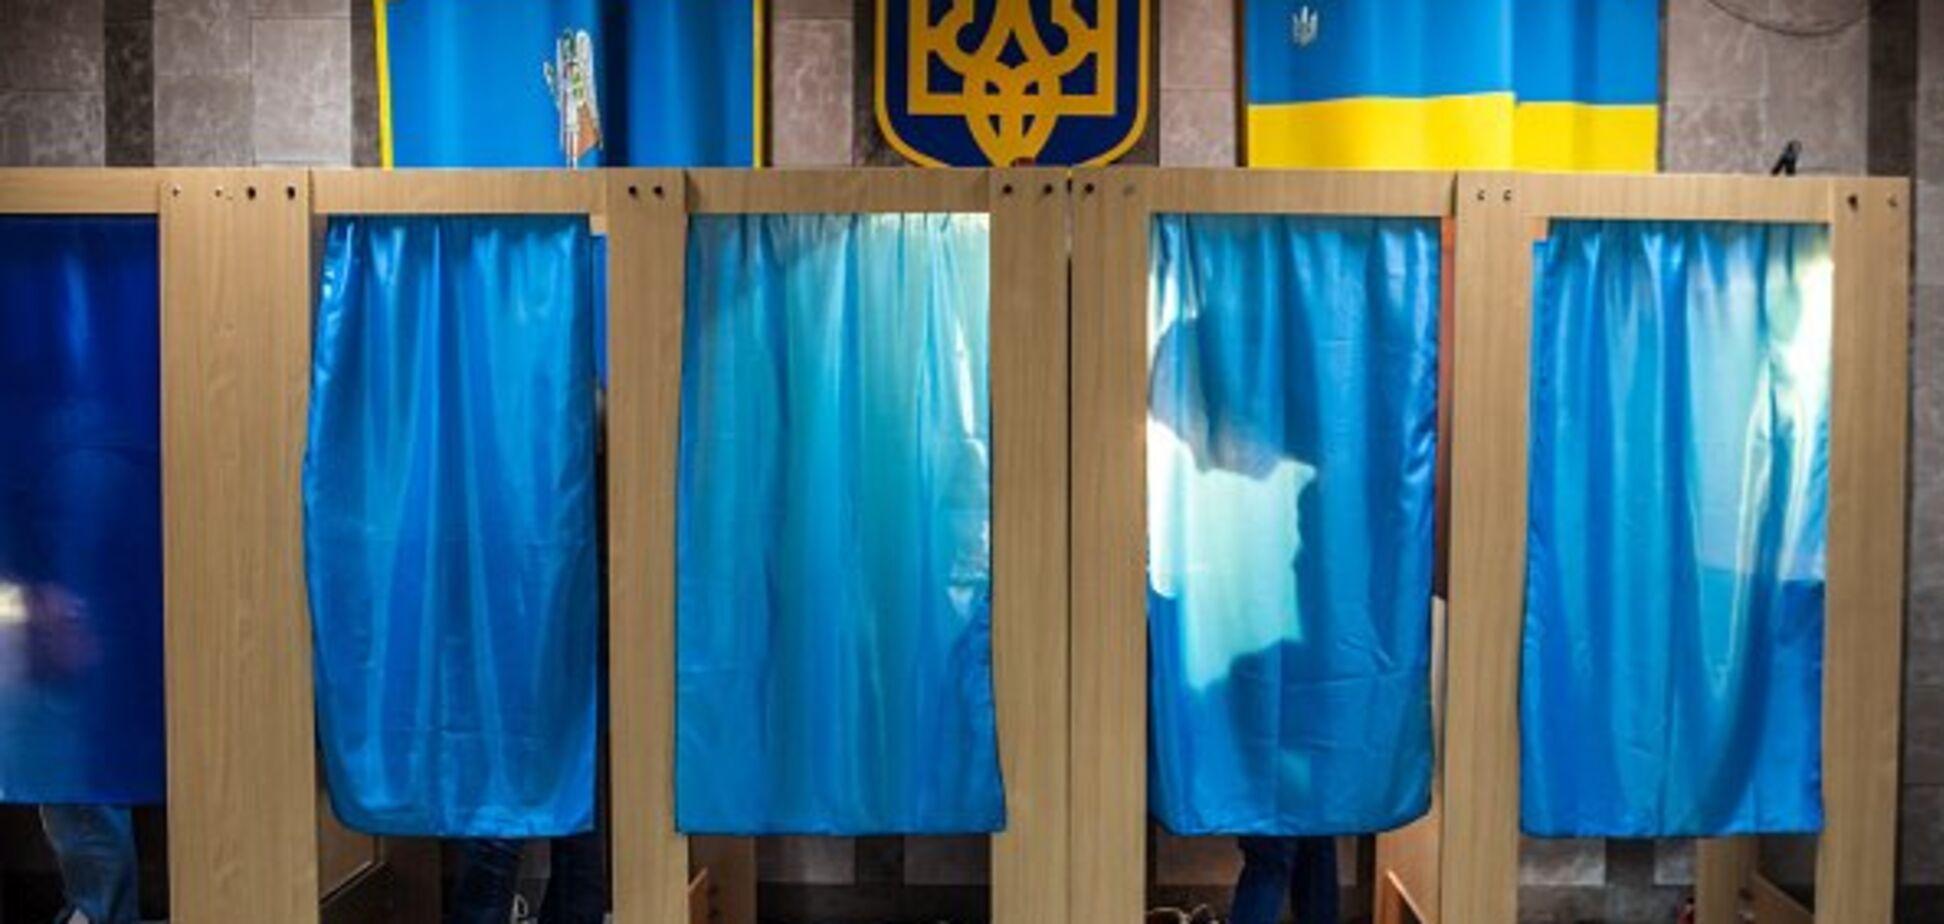 Жорстко і адекватно: озвучено дії Нацполіції на виборах президента України